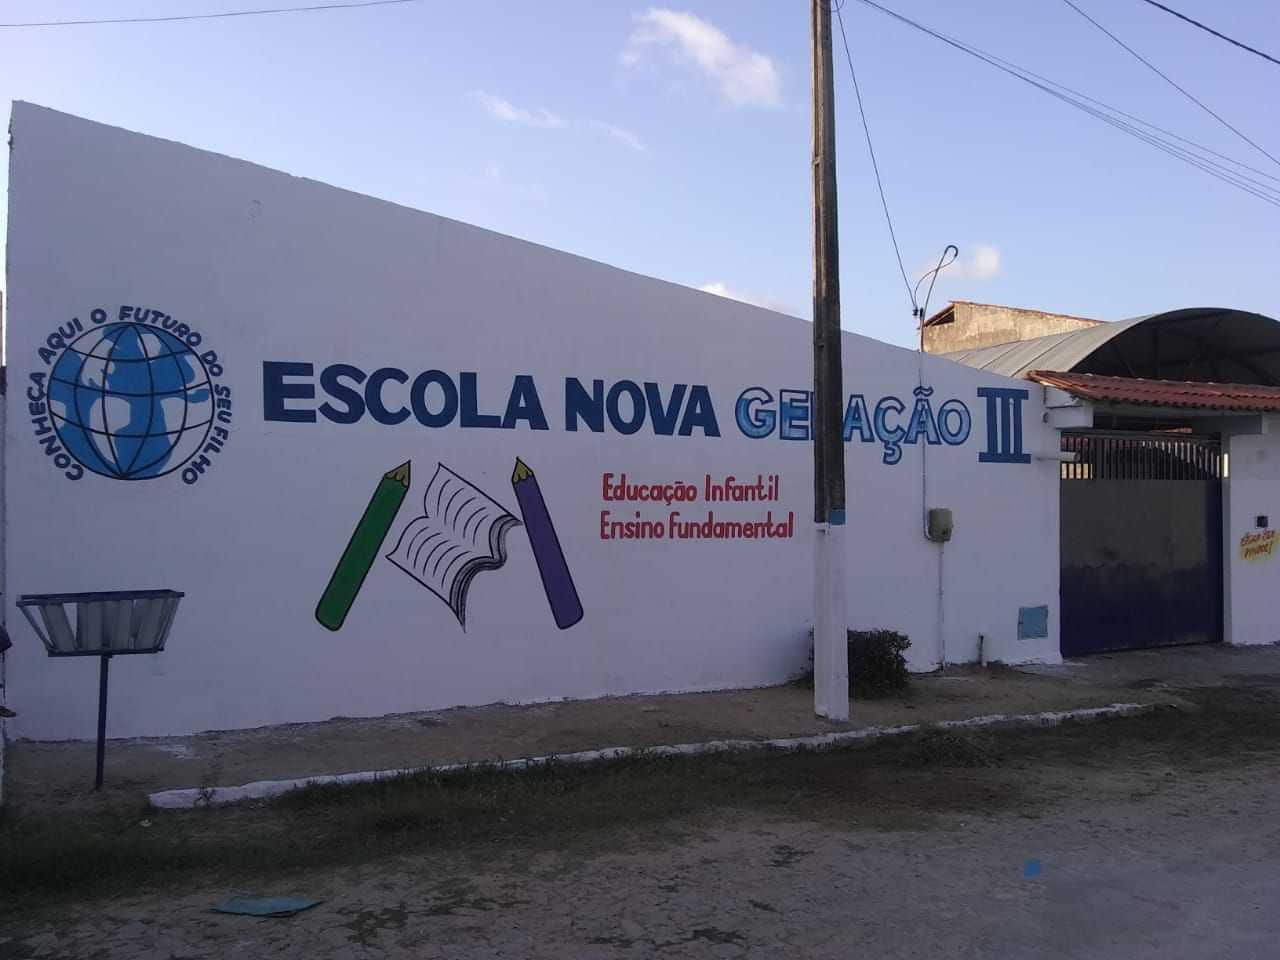 Escola Nova Geração III - foto 2